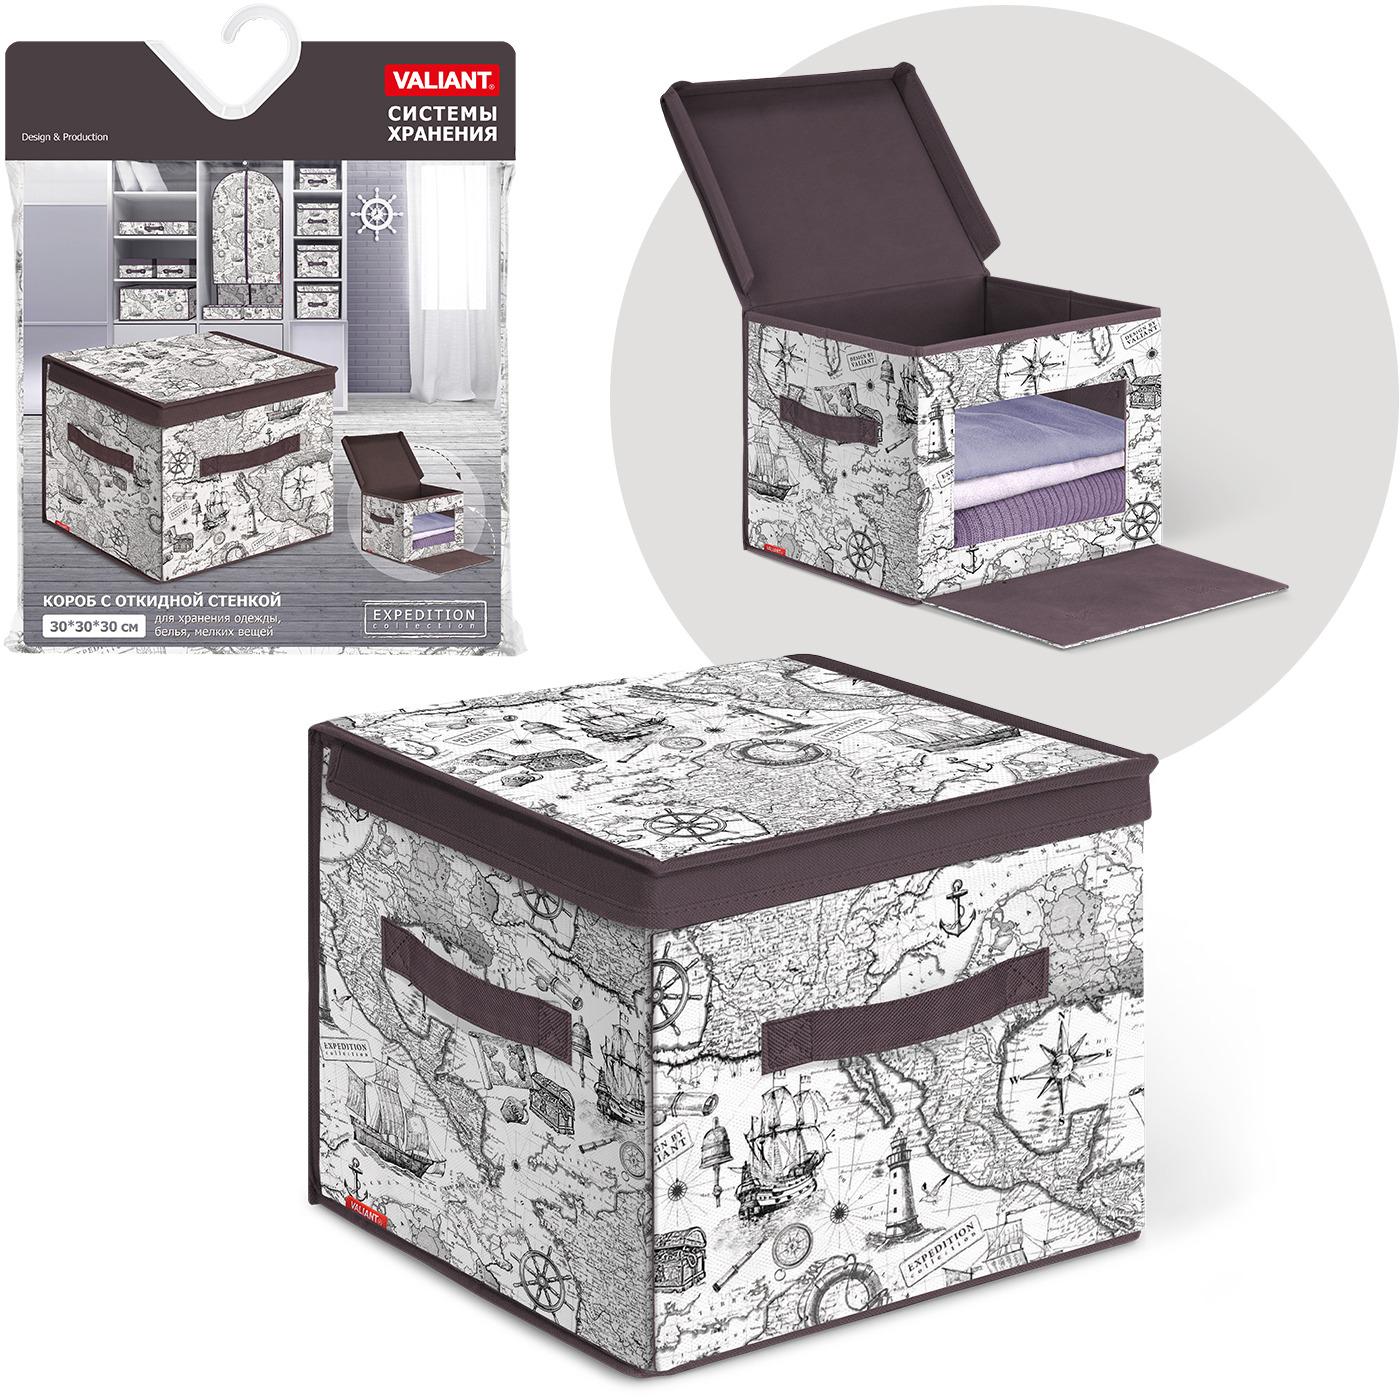 Кофр для хранения вещей Valiant Expedition с откидной стенкой и крышкой, цвет: светло-серый, 30 х 30 см цена